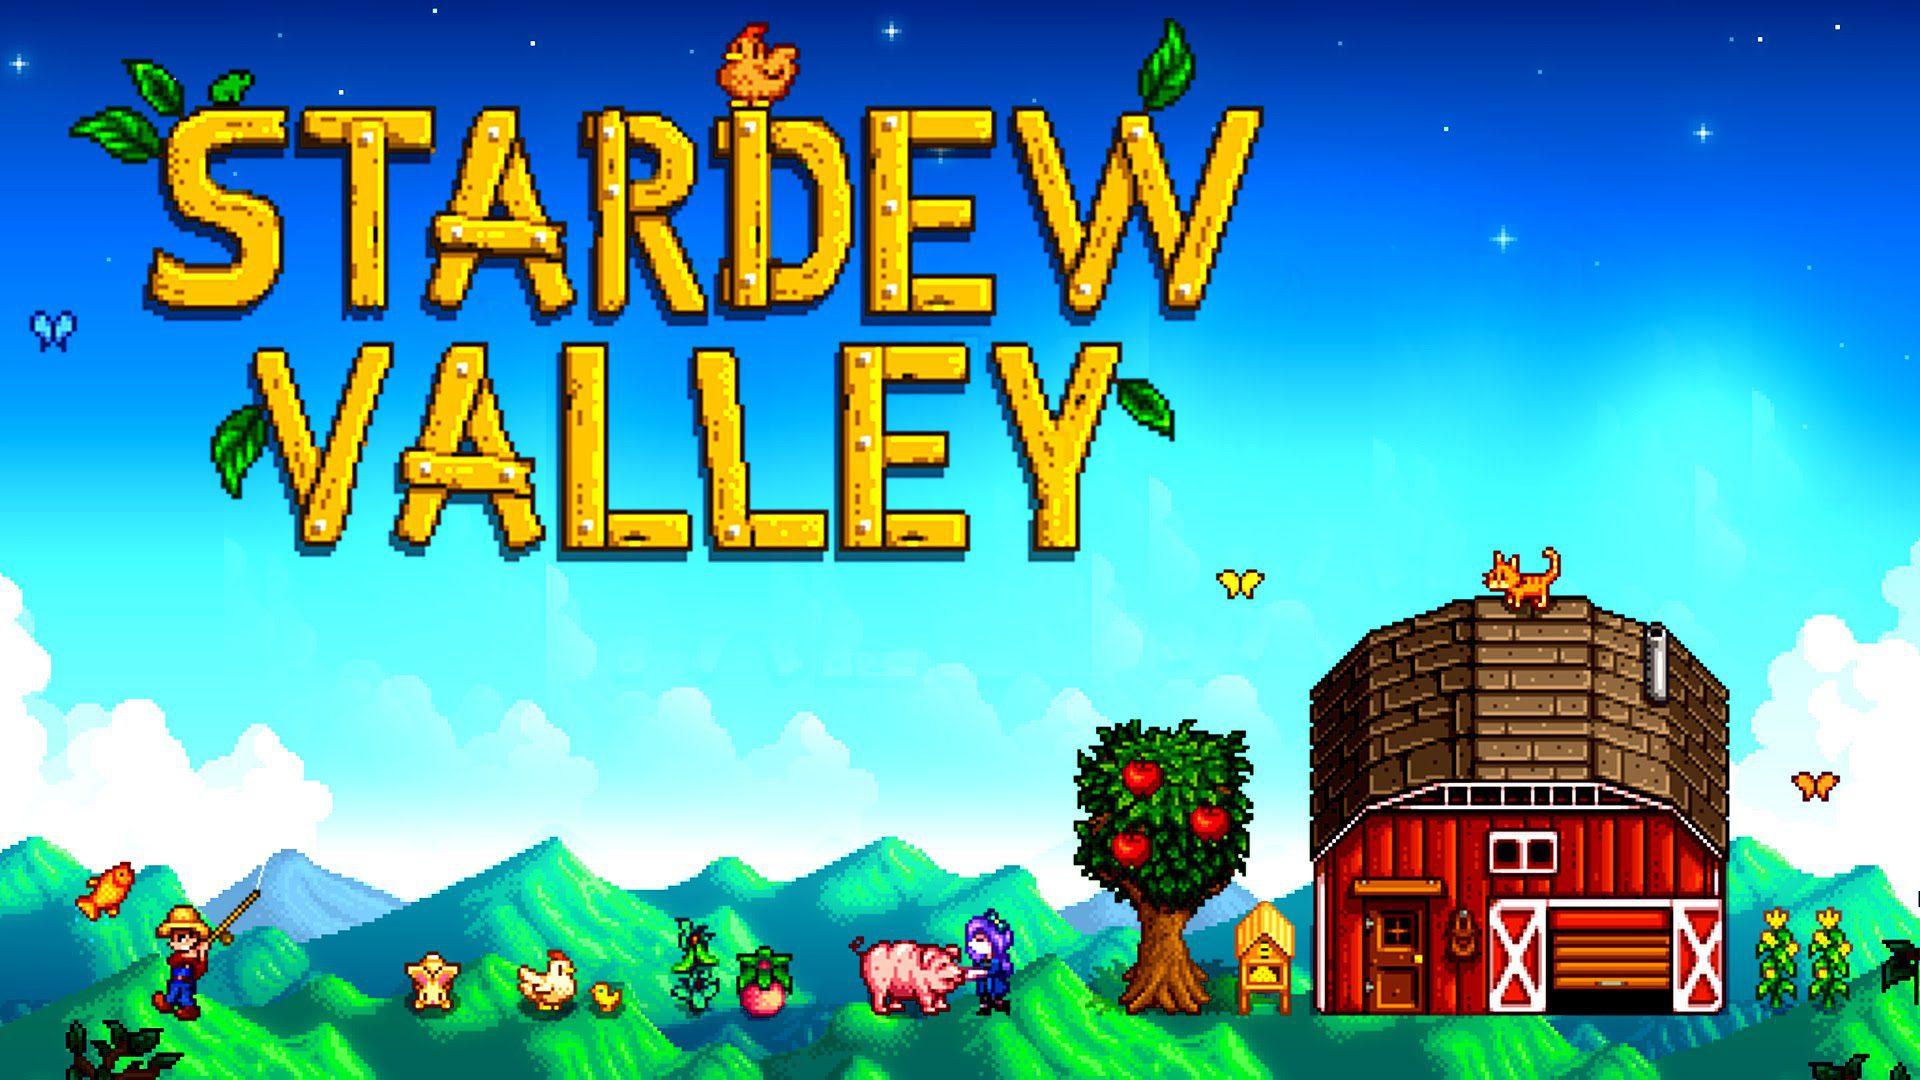 Stardew Valley How To Get A Silo Das silo benötigt zum bau 10 clay, 100 gold, 100 stone und 5 copper bar. xbox play games